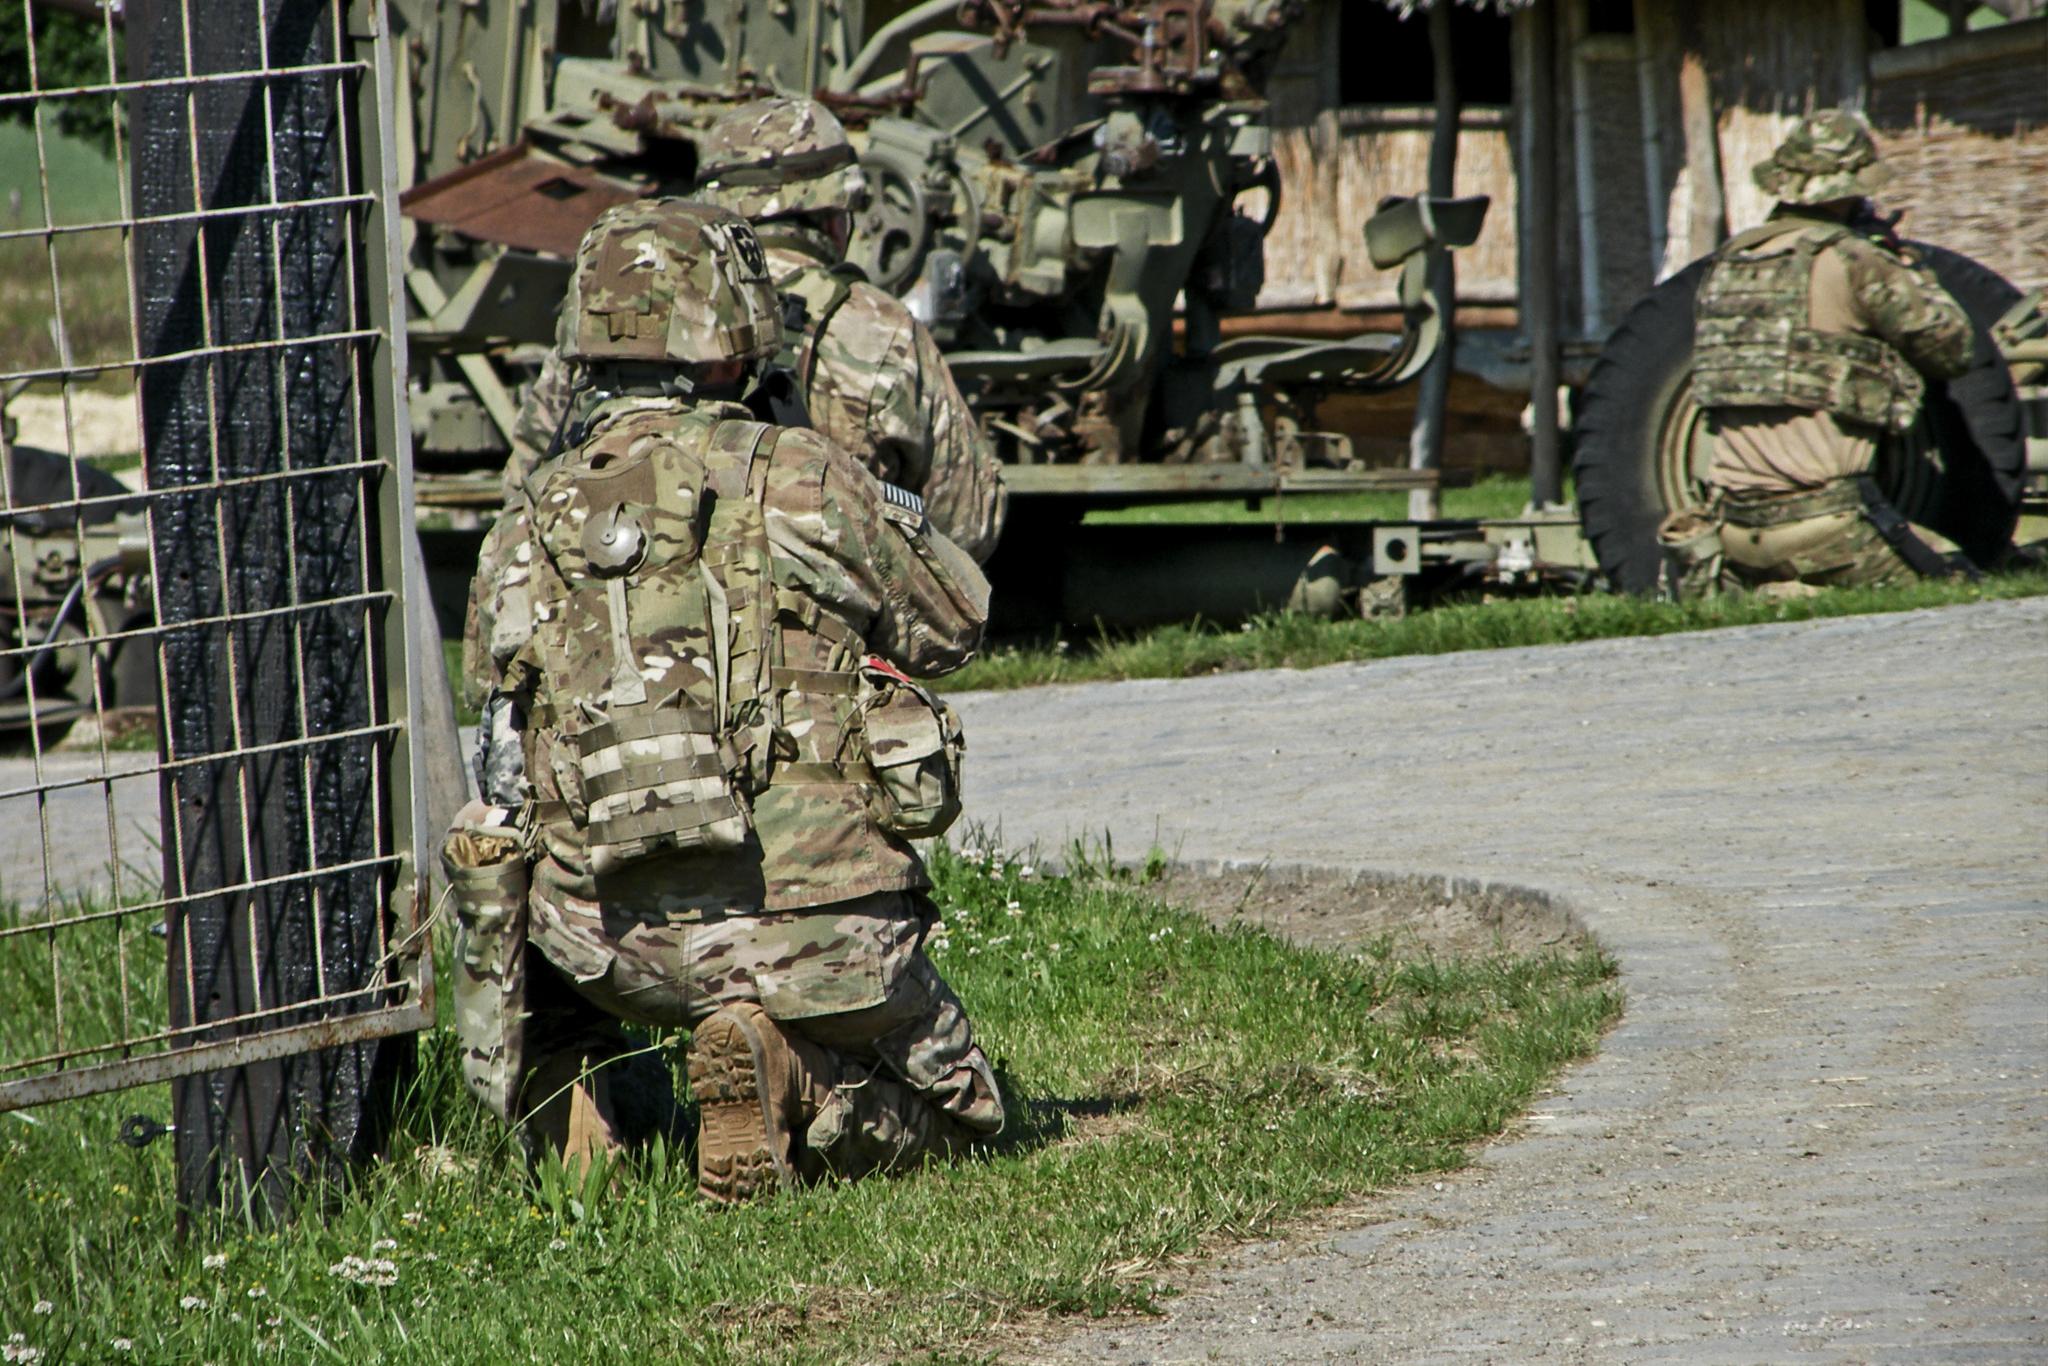 Vojáci 2ID(A) při průzkumu nepřátelských postavení.